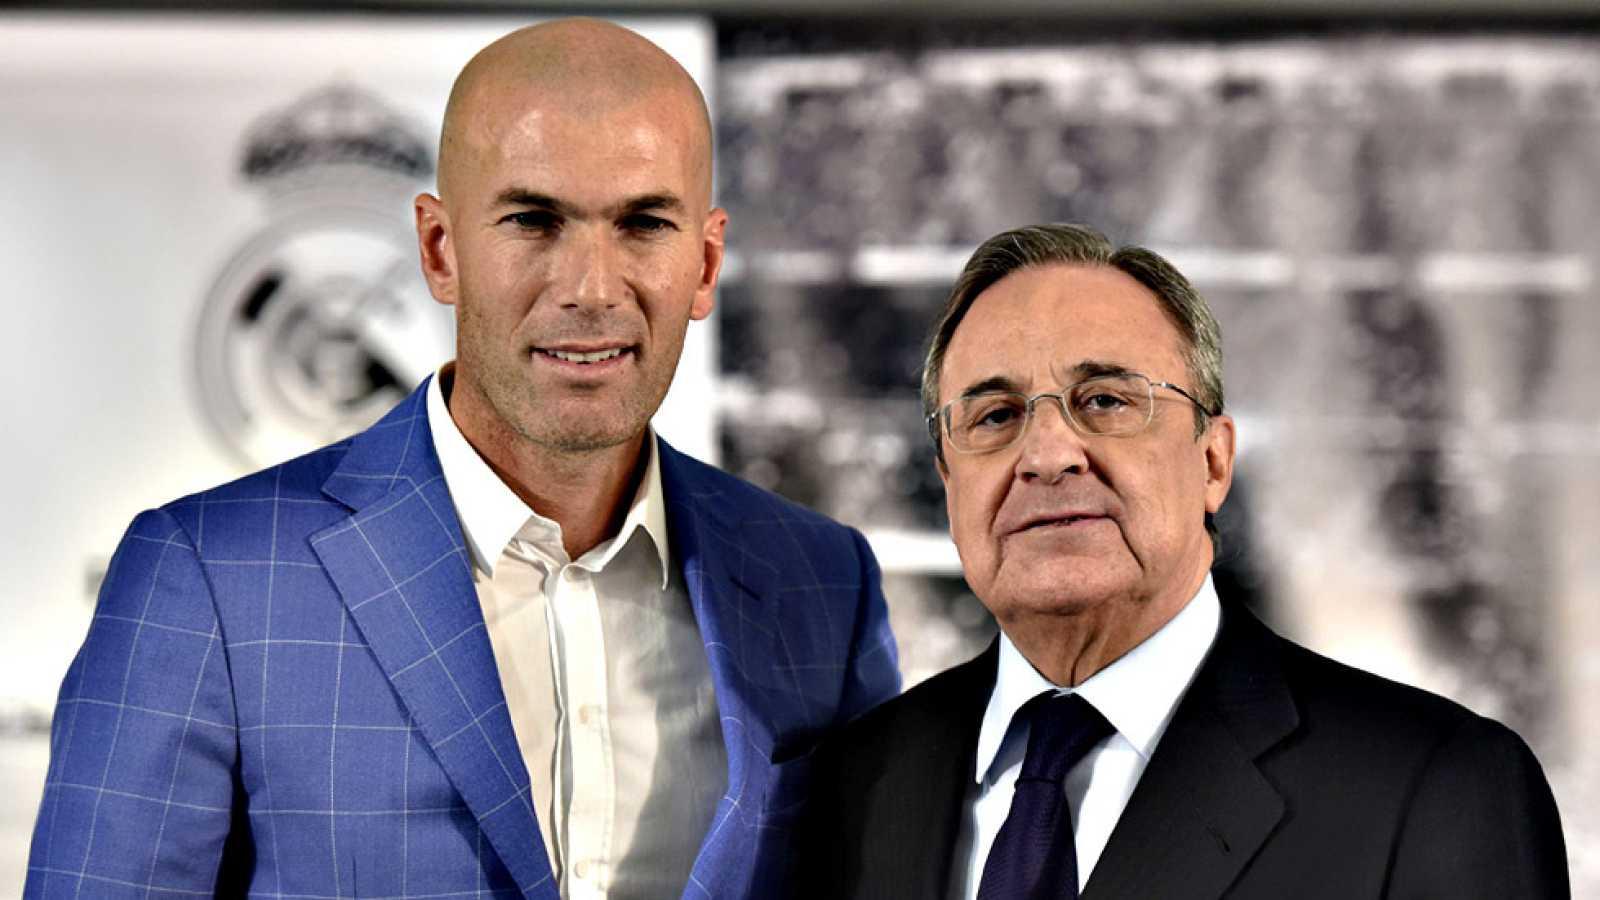 Fútbol Real Madrid Zidane Llega Al Banquillo Del Real Madrid Con Más Emoción Que Cuando Firmó Como Jugador Rtve Es